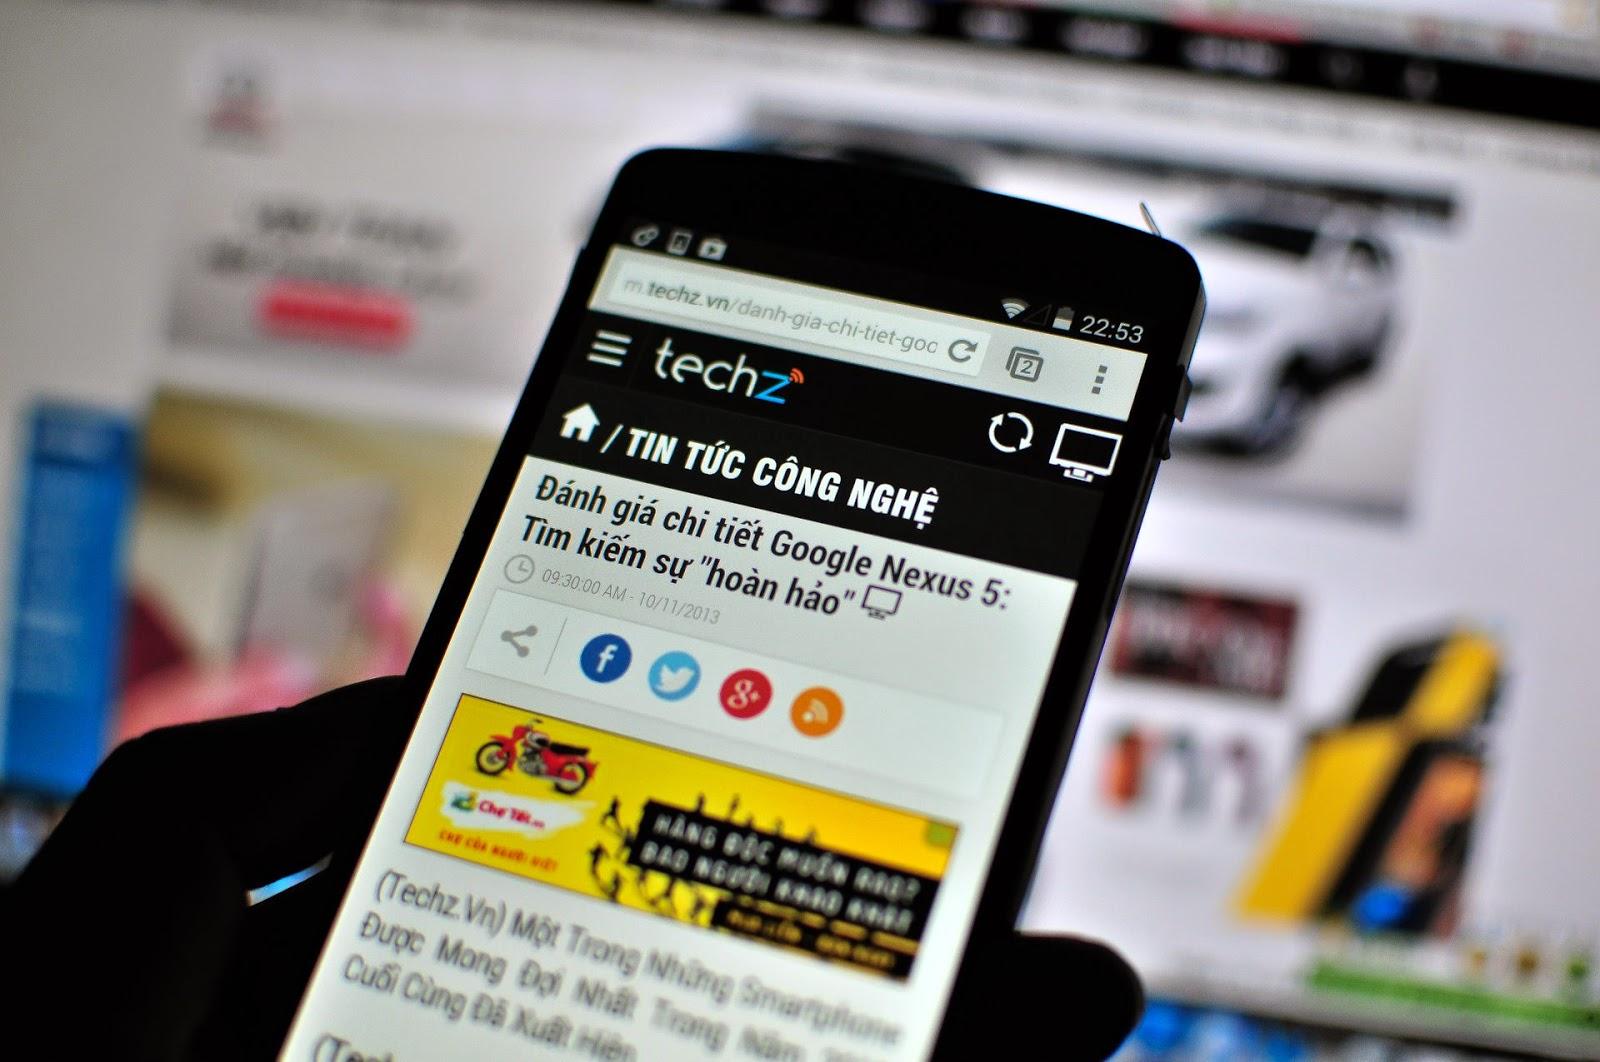 Top 5 website công nghệ lớn nhất Việt Nam năm 2014